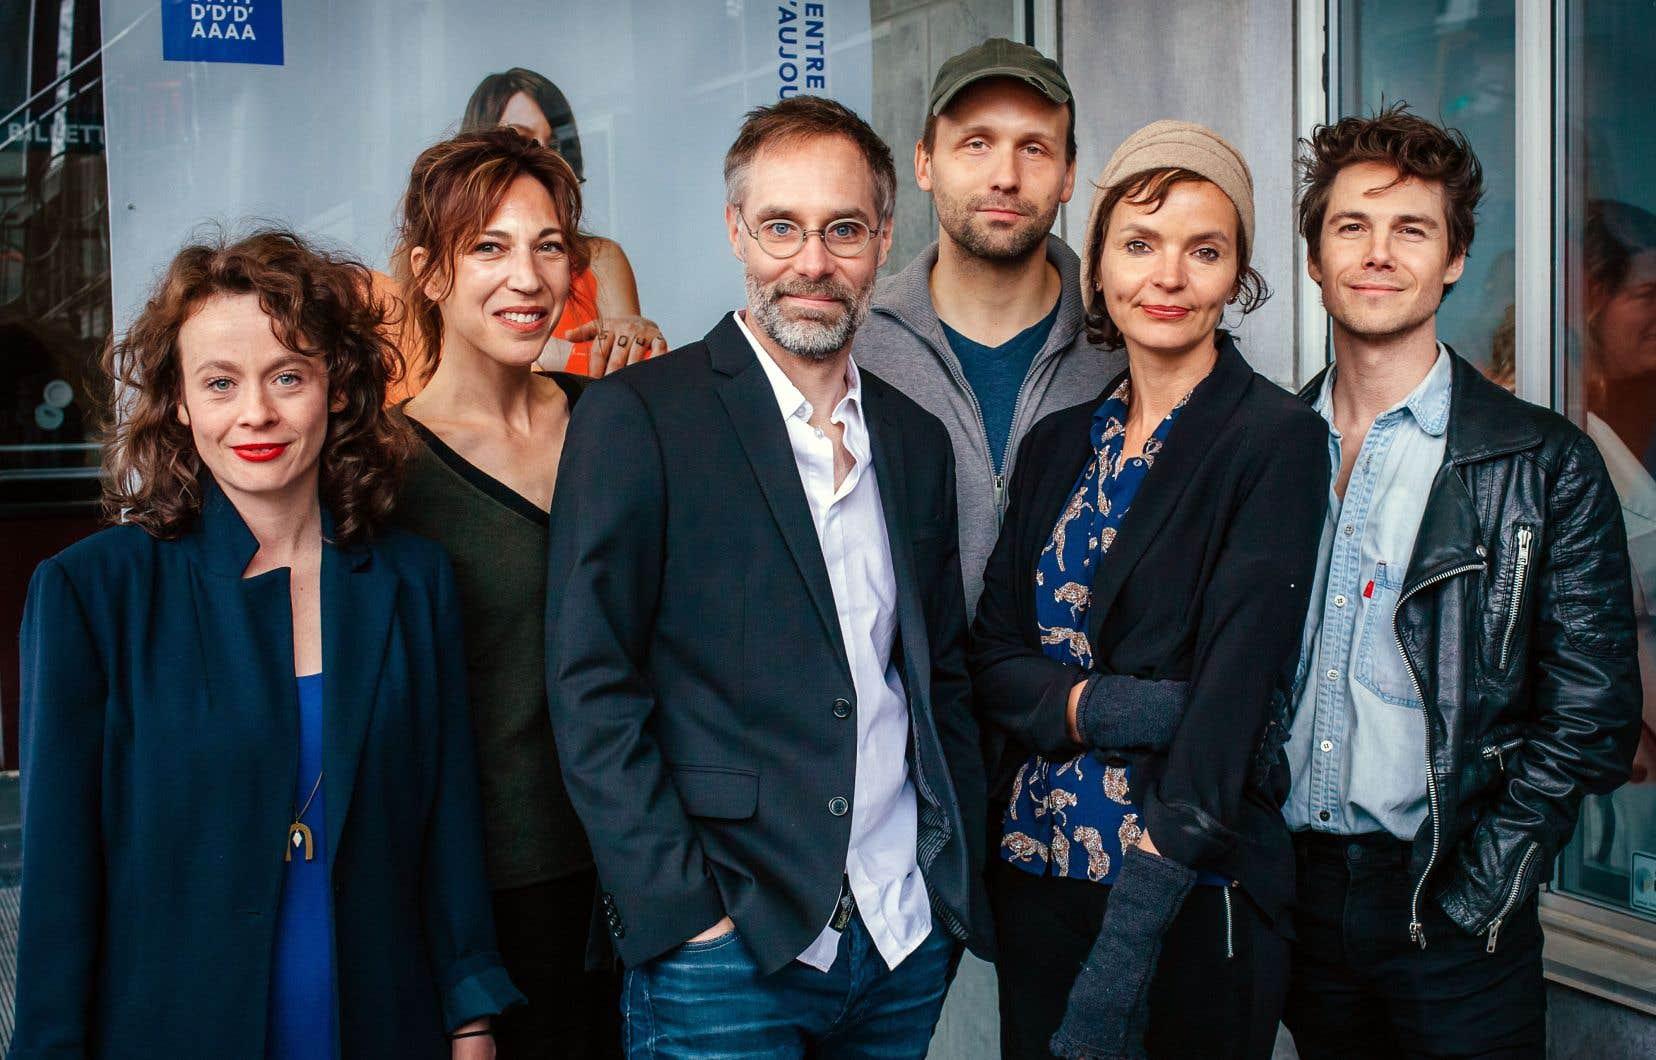 Rébecca Déraspe, Évelyne de la Chenelière, Sylvain Bélanger, Émile Proulx-Cloutier, Anaïs Barbeau-Lavalette et Dany Boudreault du Centre du Théâtre d'Aujourd'hui